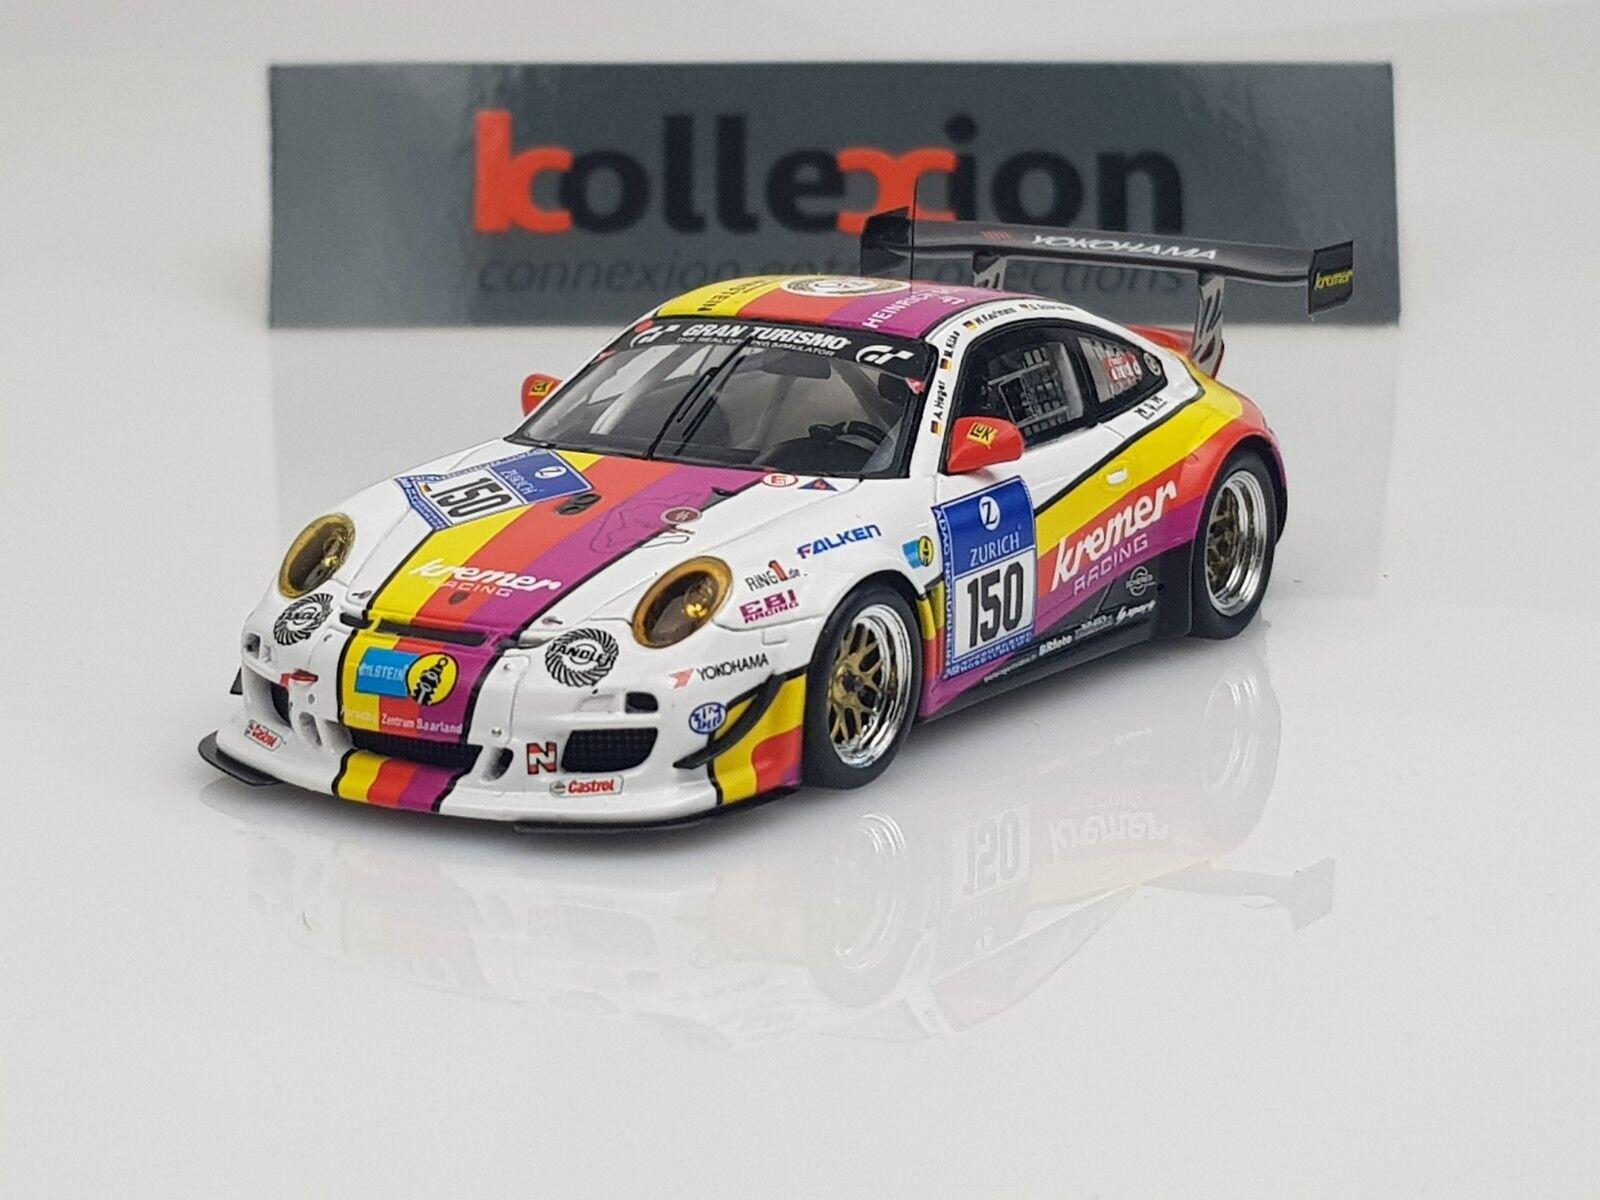 SPARK MAB008 PORSCHE Kremer 997 GT3 KR n°150 24H Nurburgring 2012 1.43 | être Dans L'utilisation